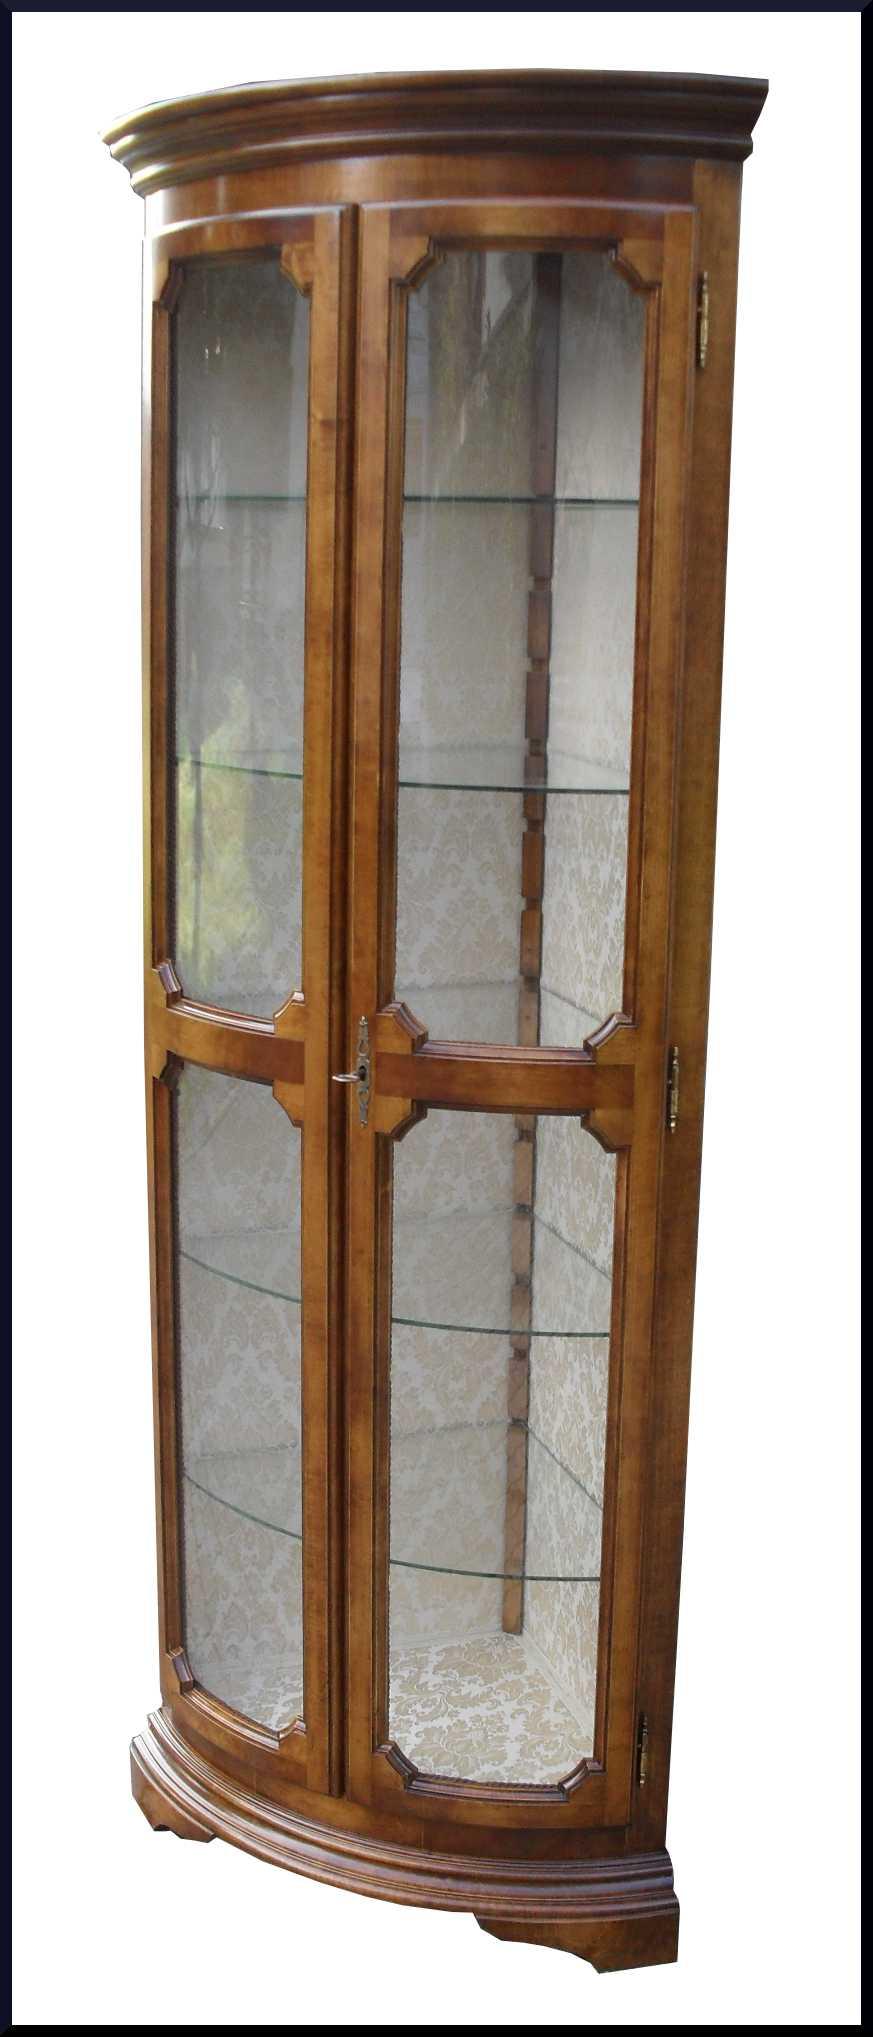 Angoliera cantonale classica due porte